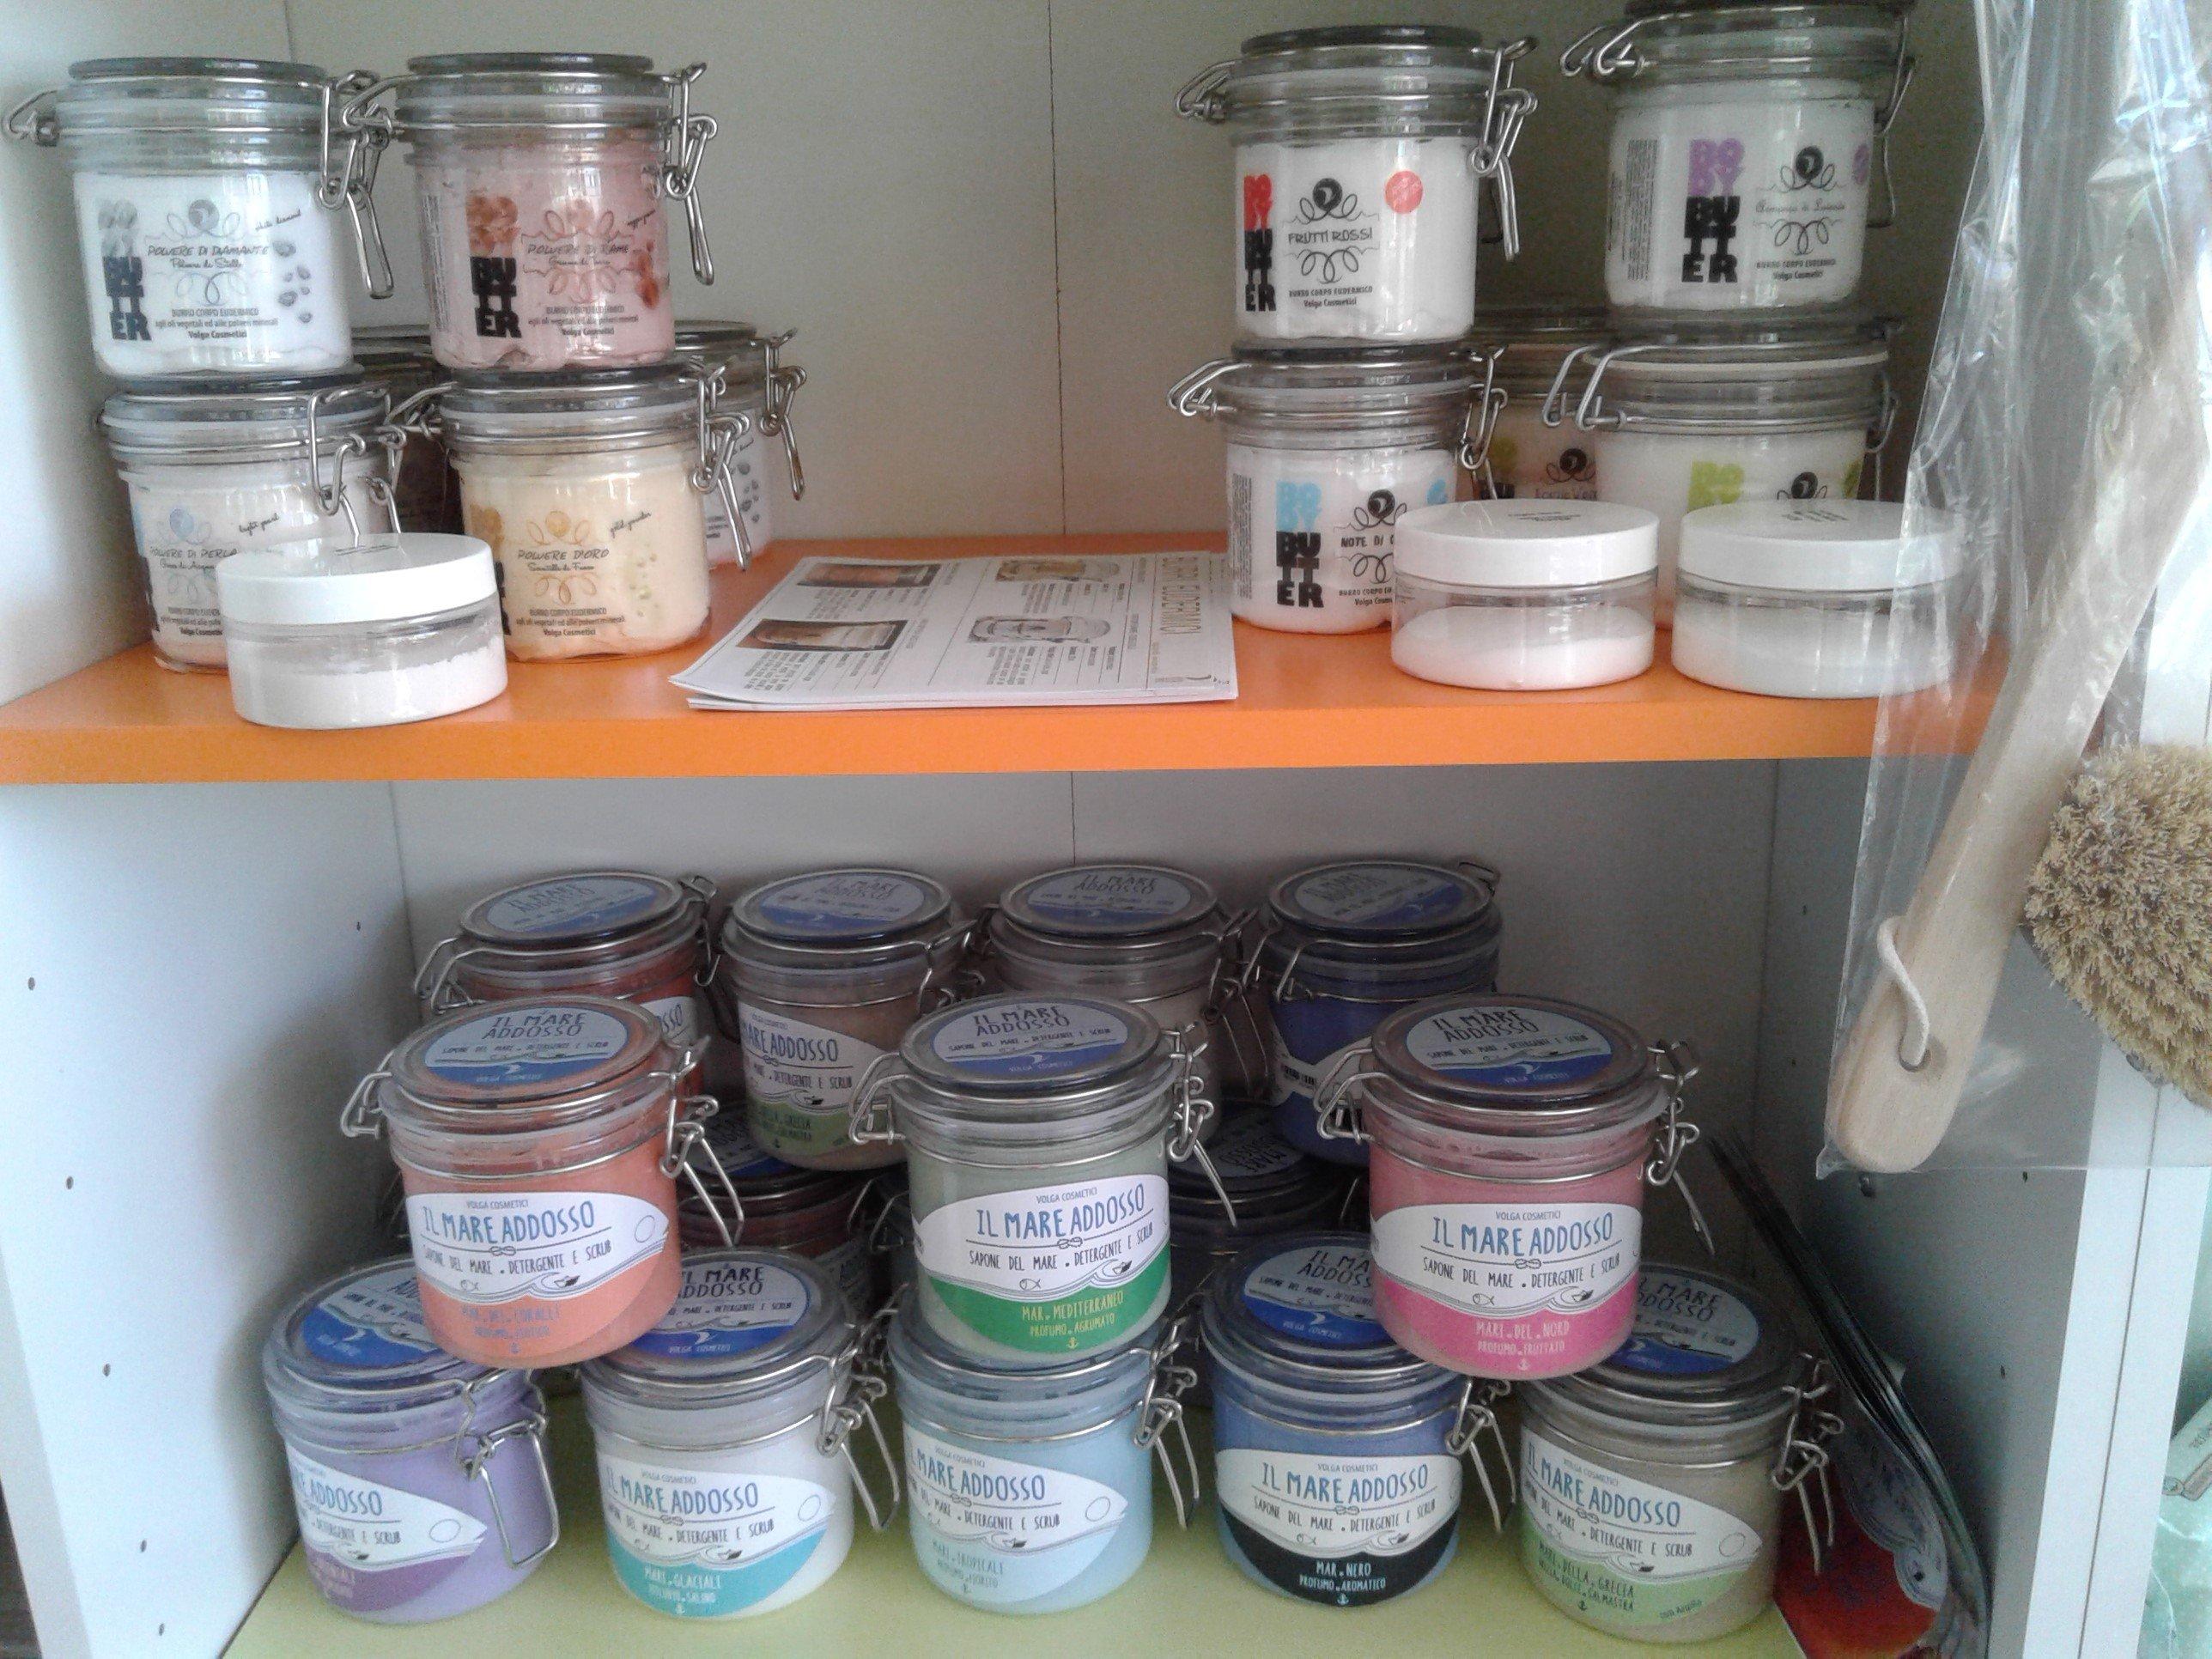 dei barattoli di vetro ermetici in uno scaffale con dentro dei prodotti a gel colorati